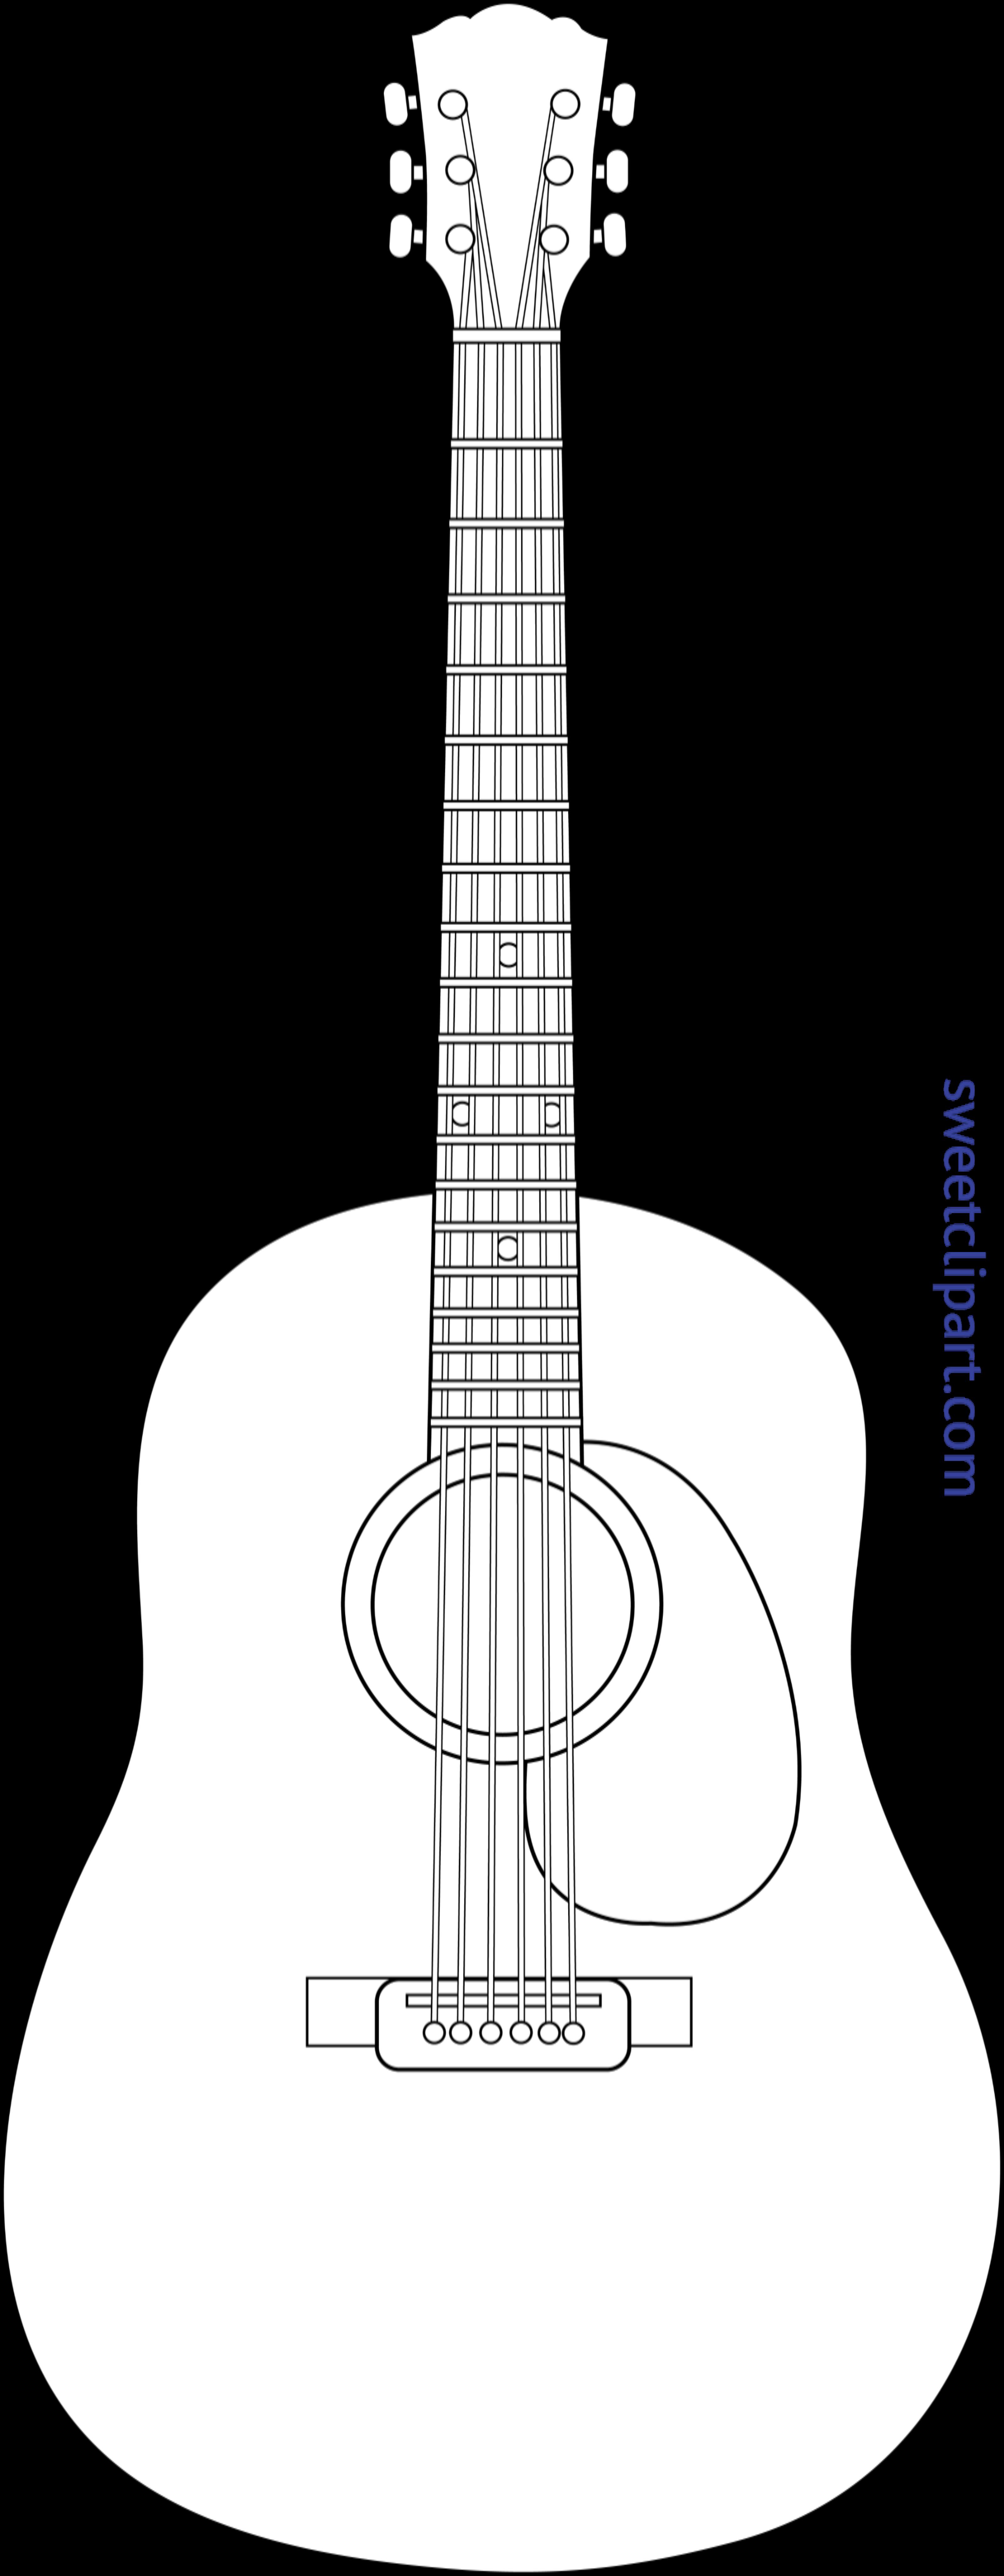 image transparent download Acoustic clipart guita. Guitar lineart clip art